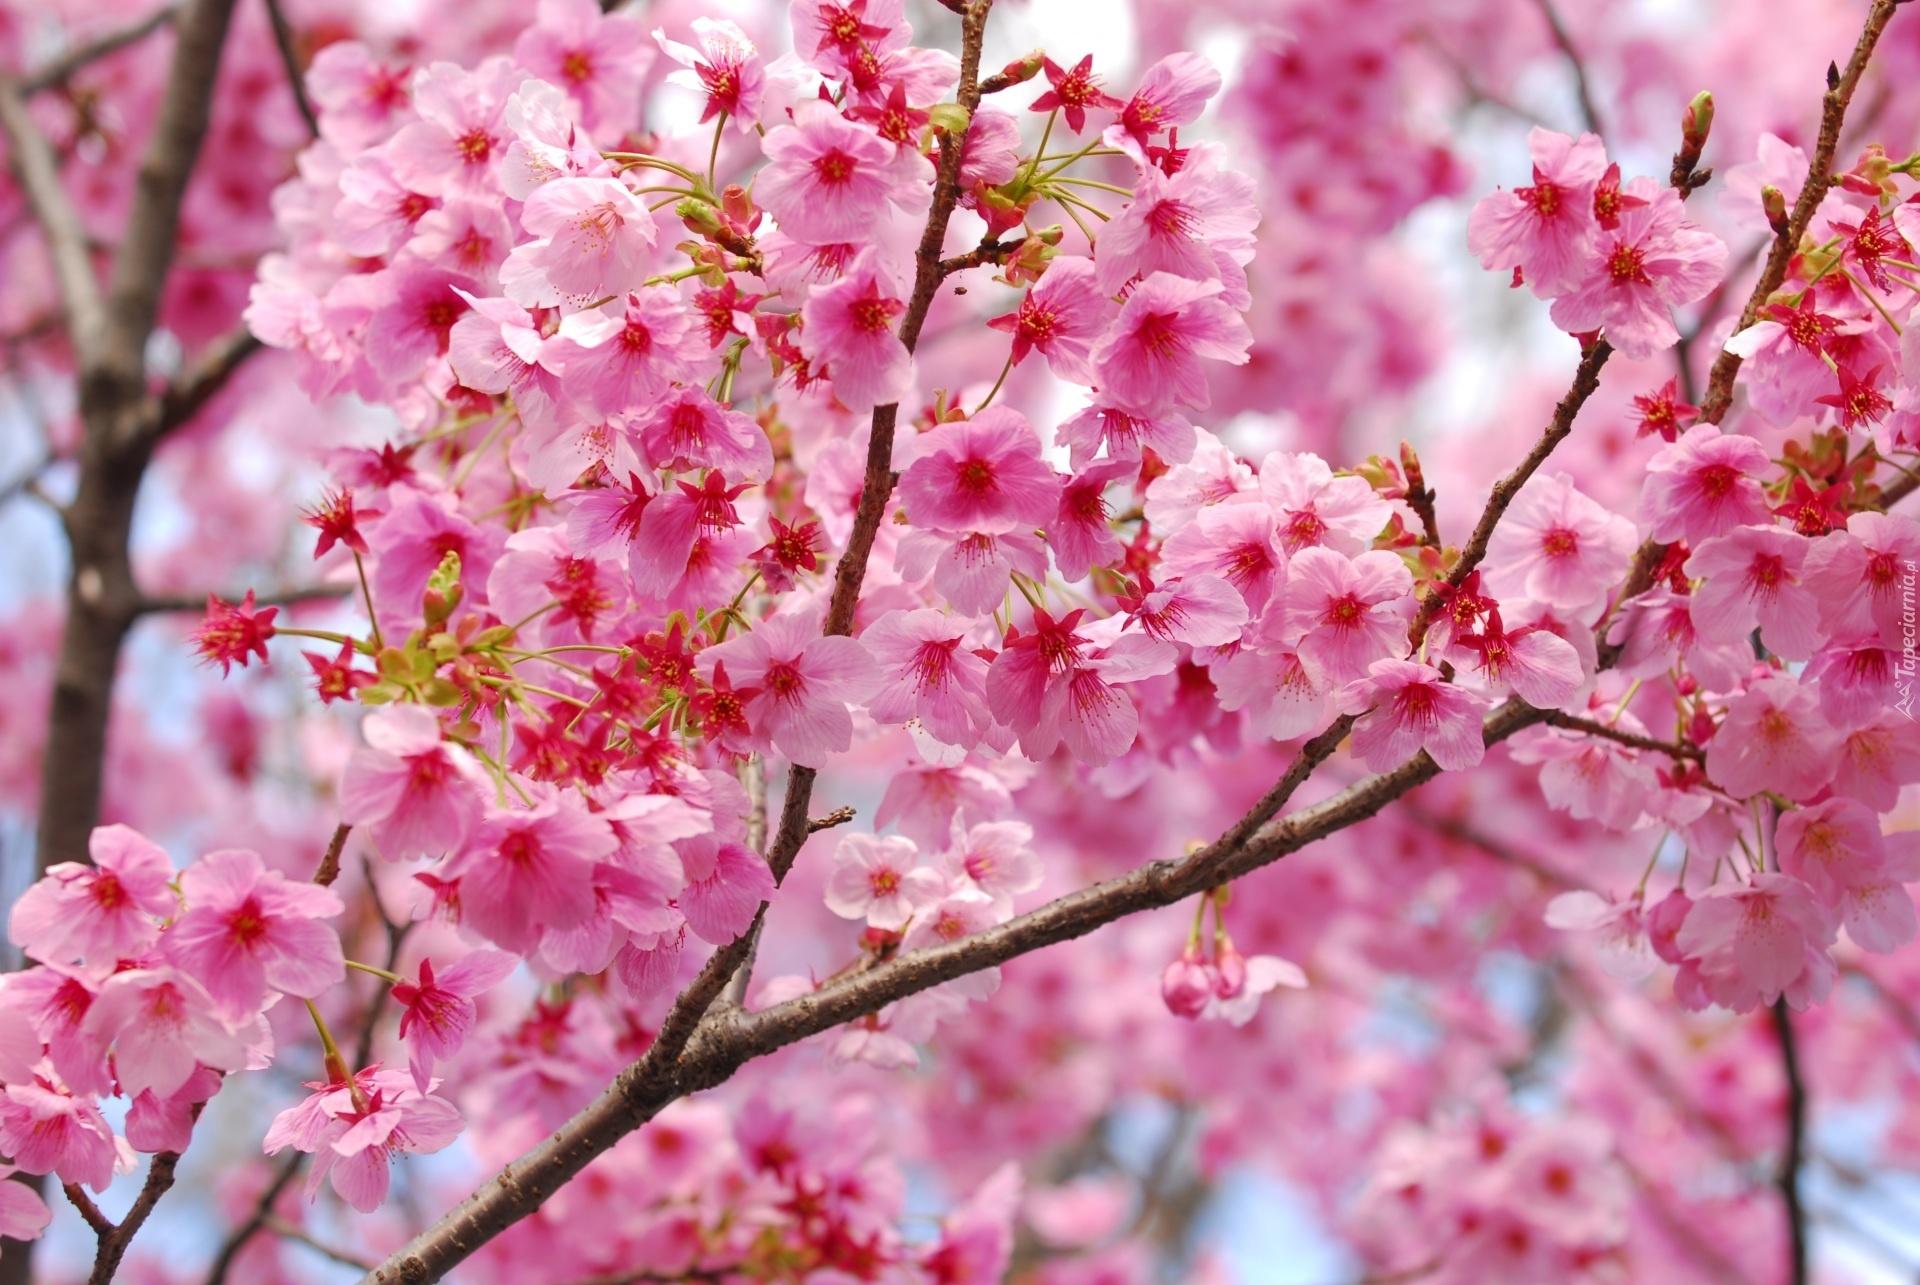 Flores Horizontales Dibujos Animados Patrón De Fondo: Drzewo, Owocowe, Różowe, Kwiatki, Rozmycie